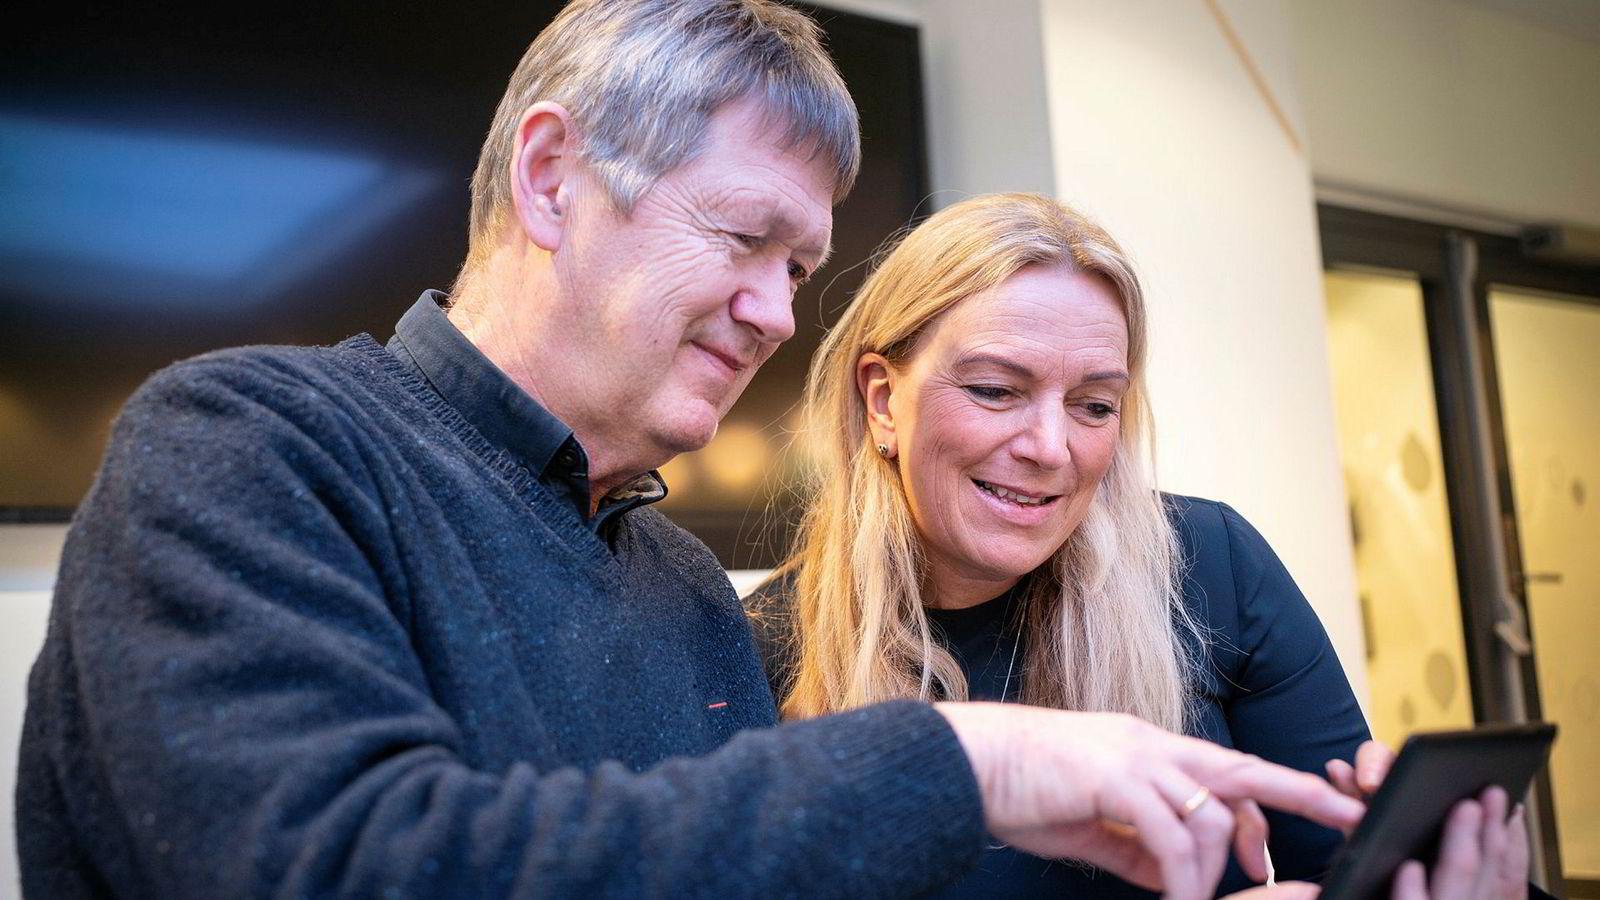 Tv-distributørene kjemper for å holde på tv-seerne og lanserer blant annet muligheten til å søke etter innhold på tvers av alle leverandører. Her kikker styreleder Toril Nag i Altibox på hvordan tv-tjenesten ser ut på nettbrett sammen med Svein Aronsen, produktsjef for tv og applikasjoner.